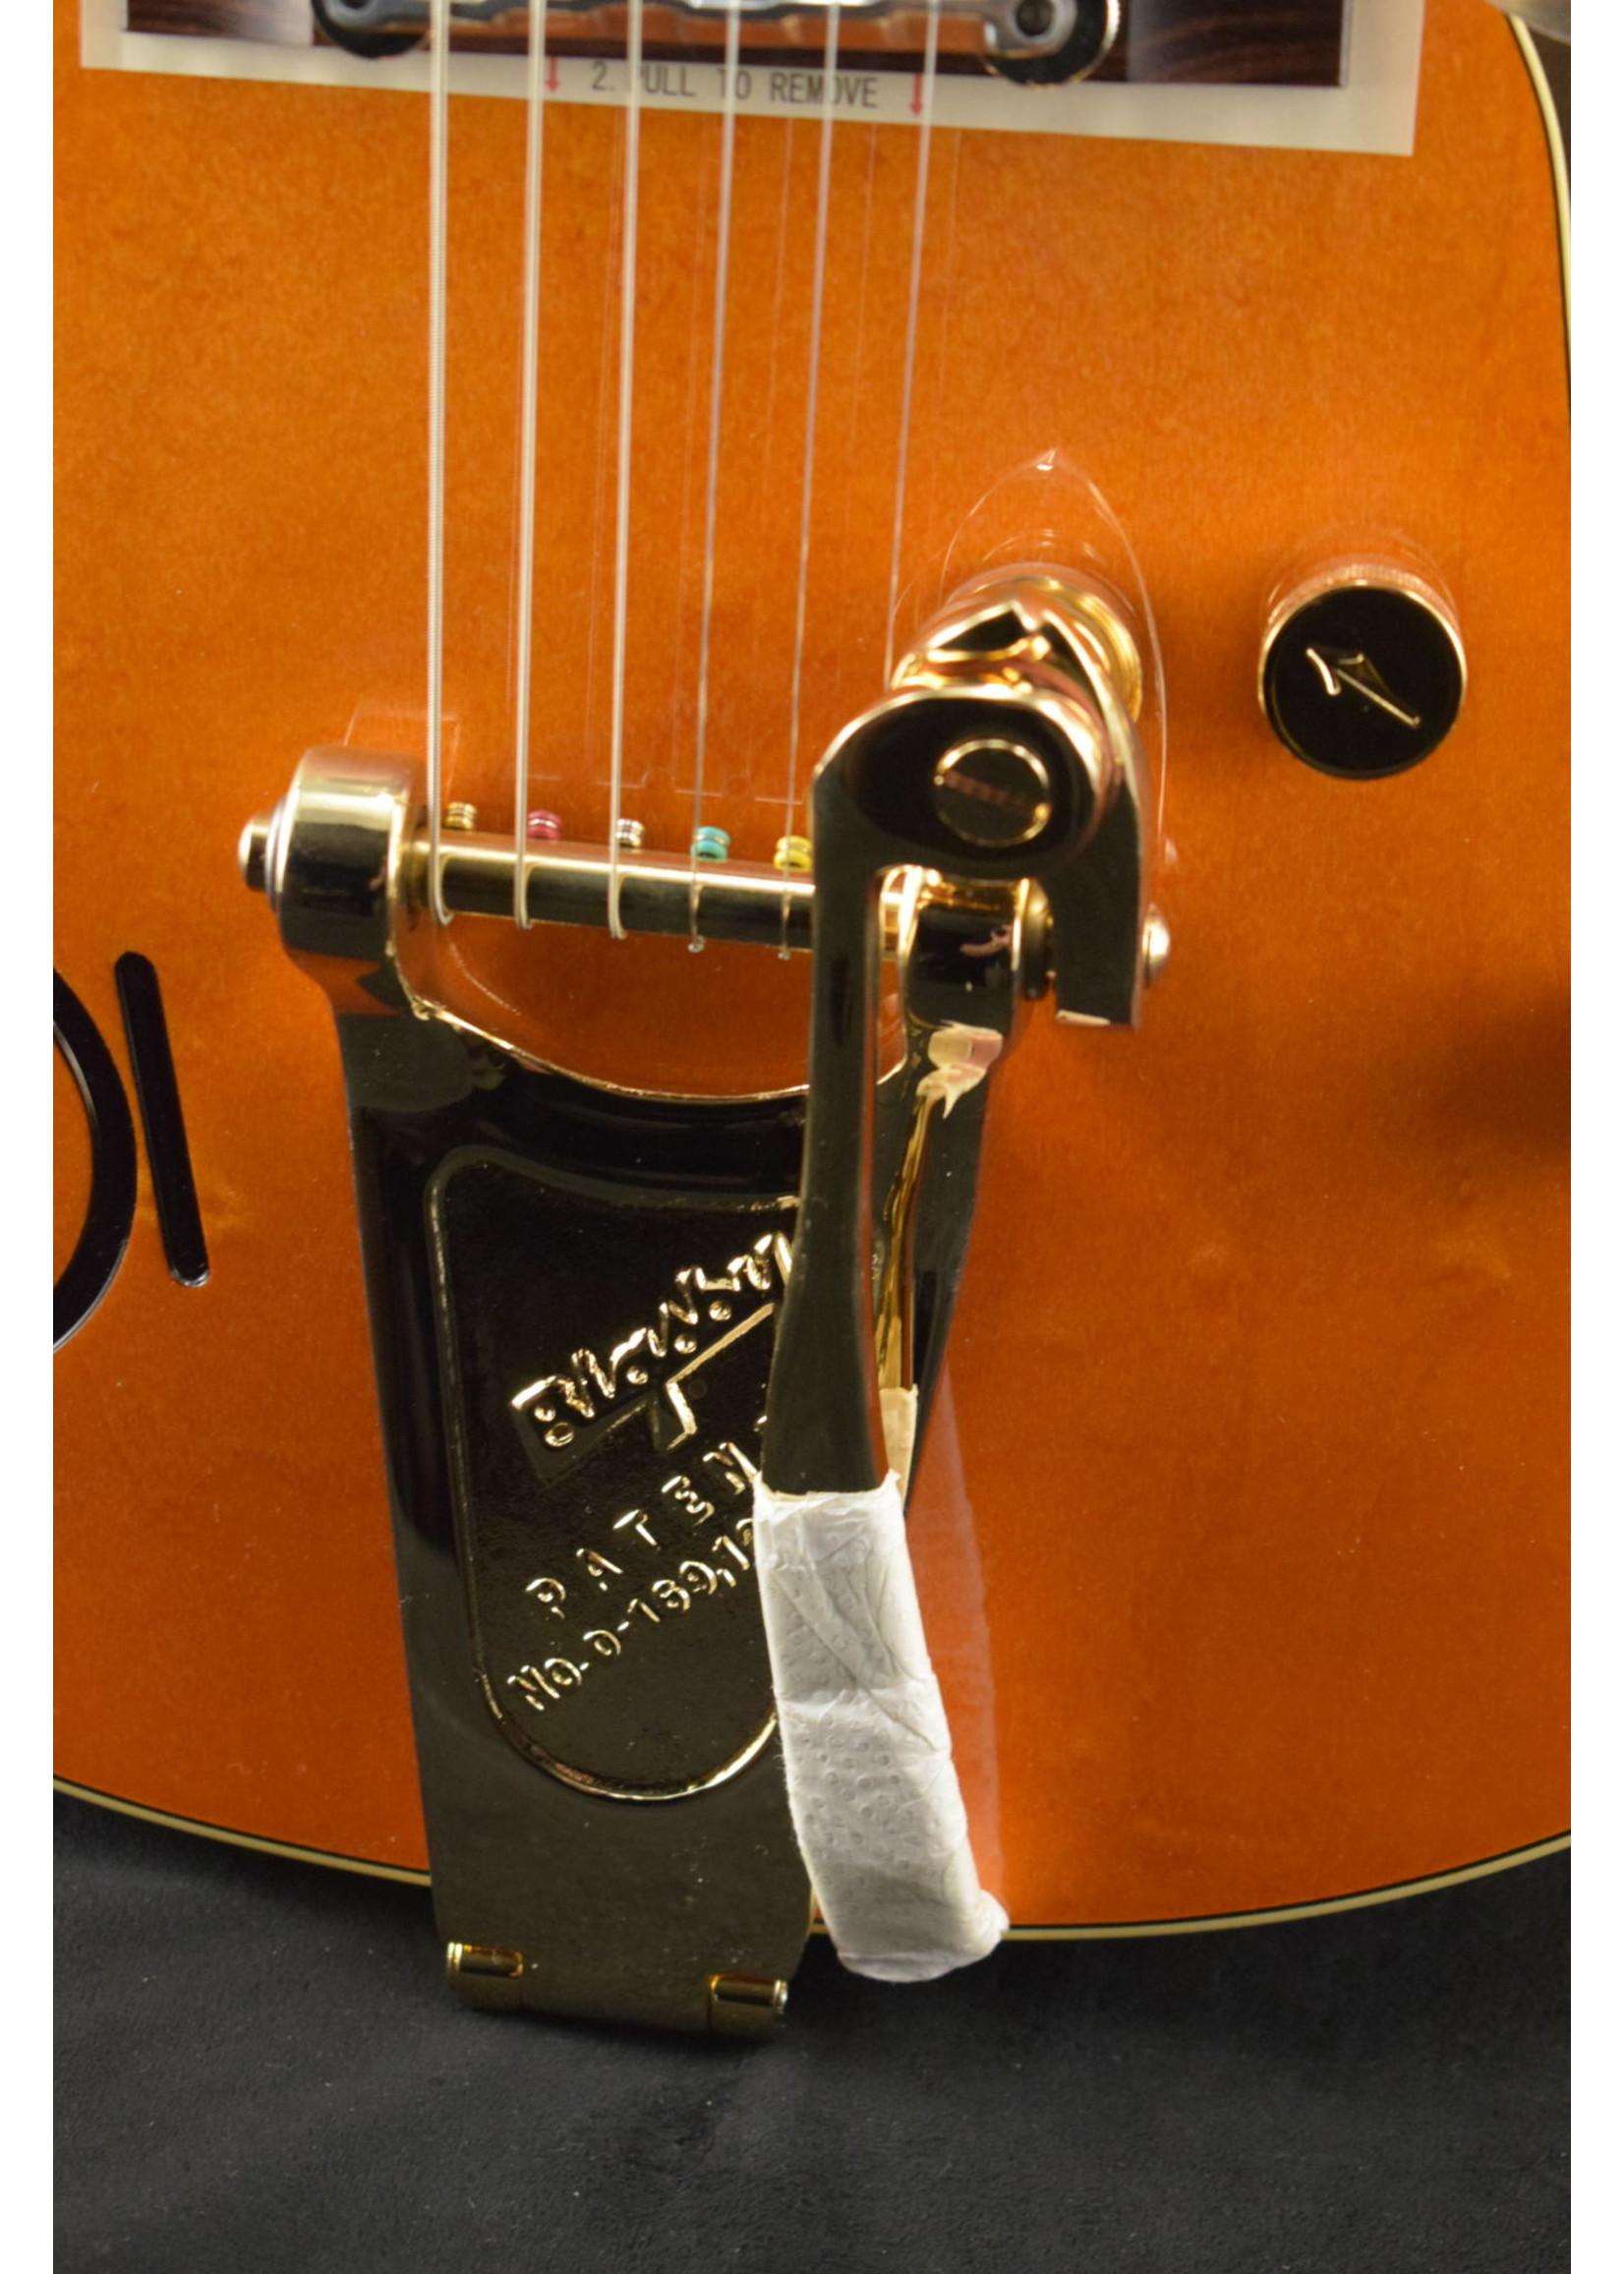 Gretsch Gretsch G6120 Eddie Cochran Signature Hollow Body with Bigsby Western Maple Stain